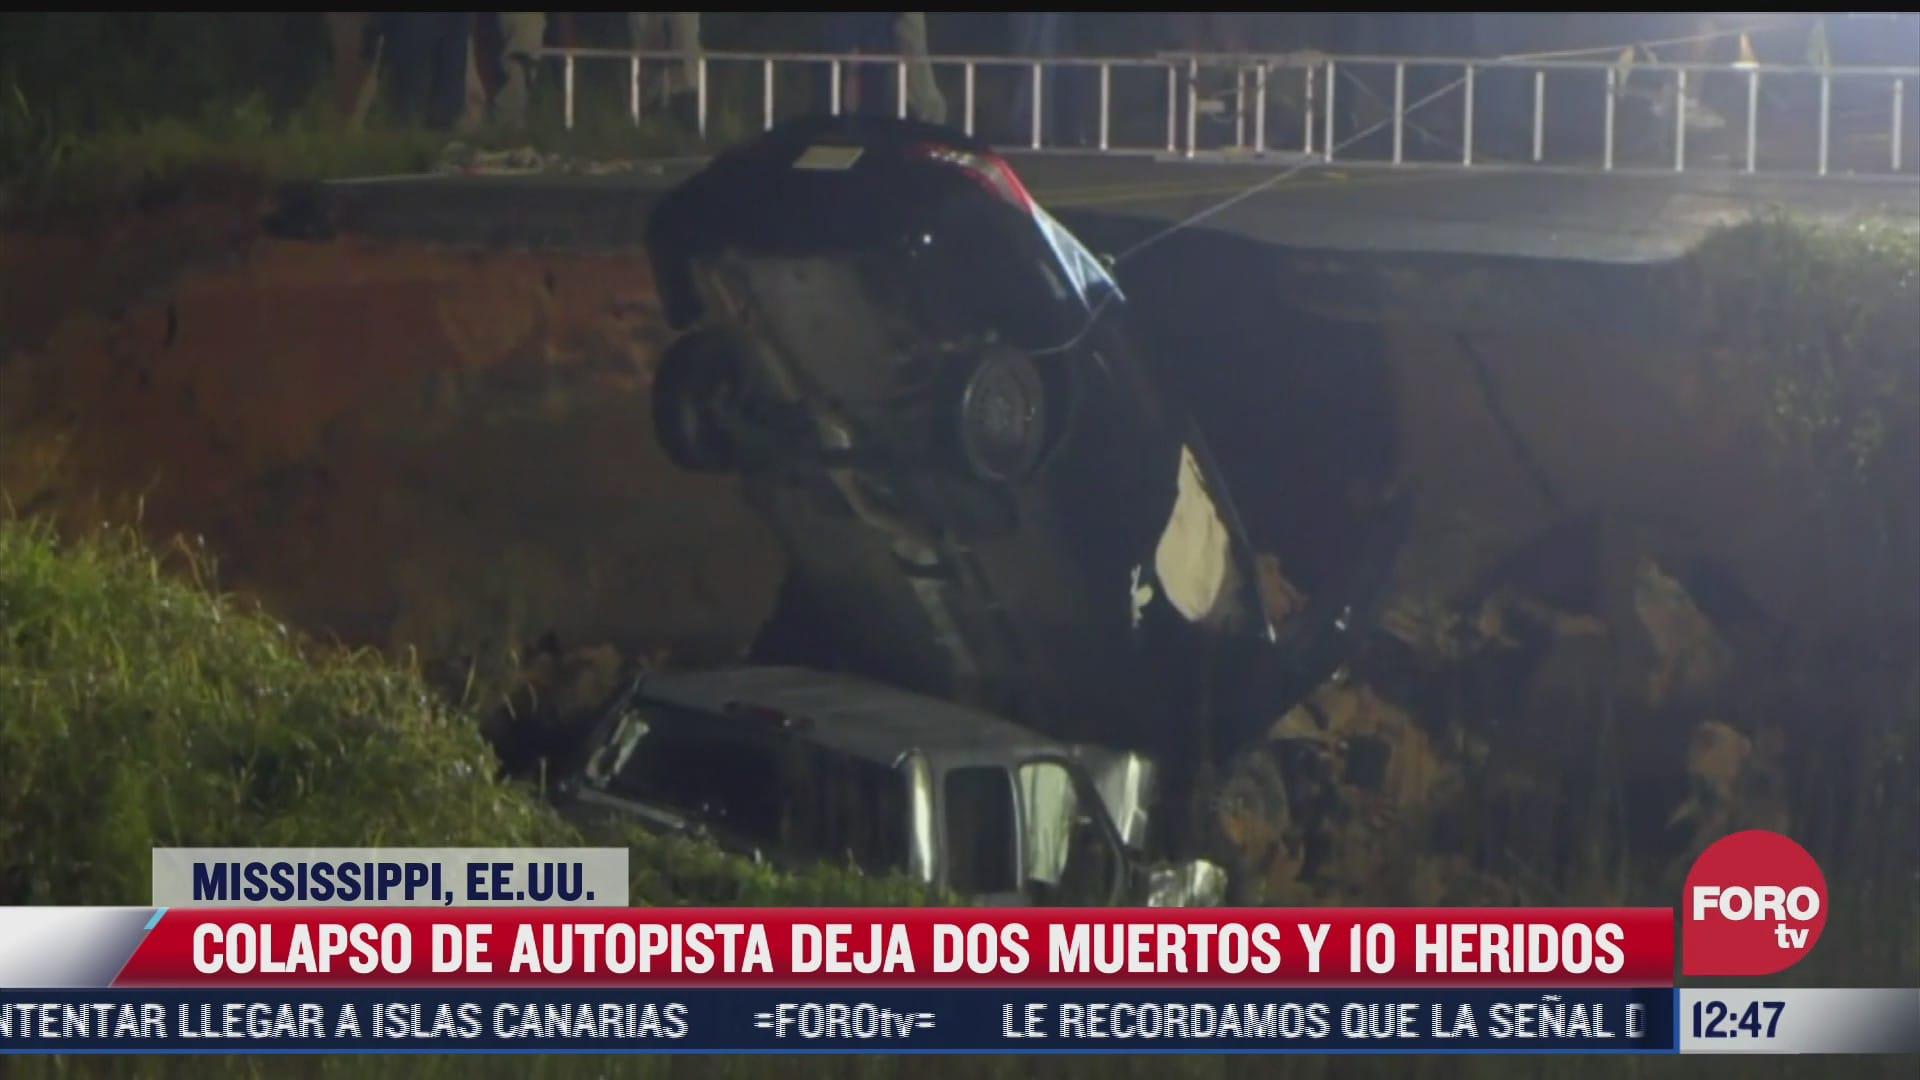 colapso de autopista deja muertos y heridos en mississippi eeuu